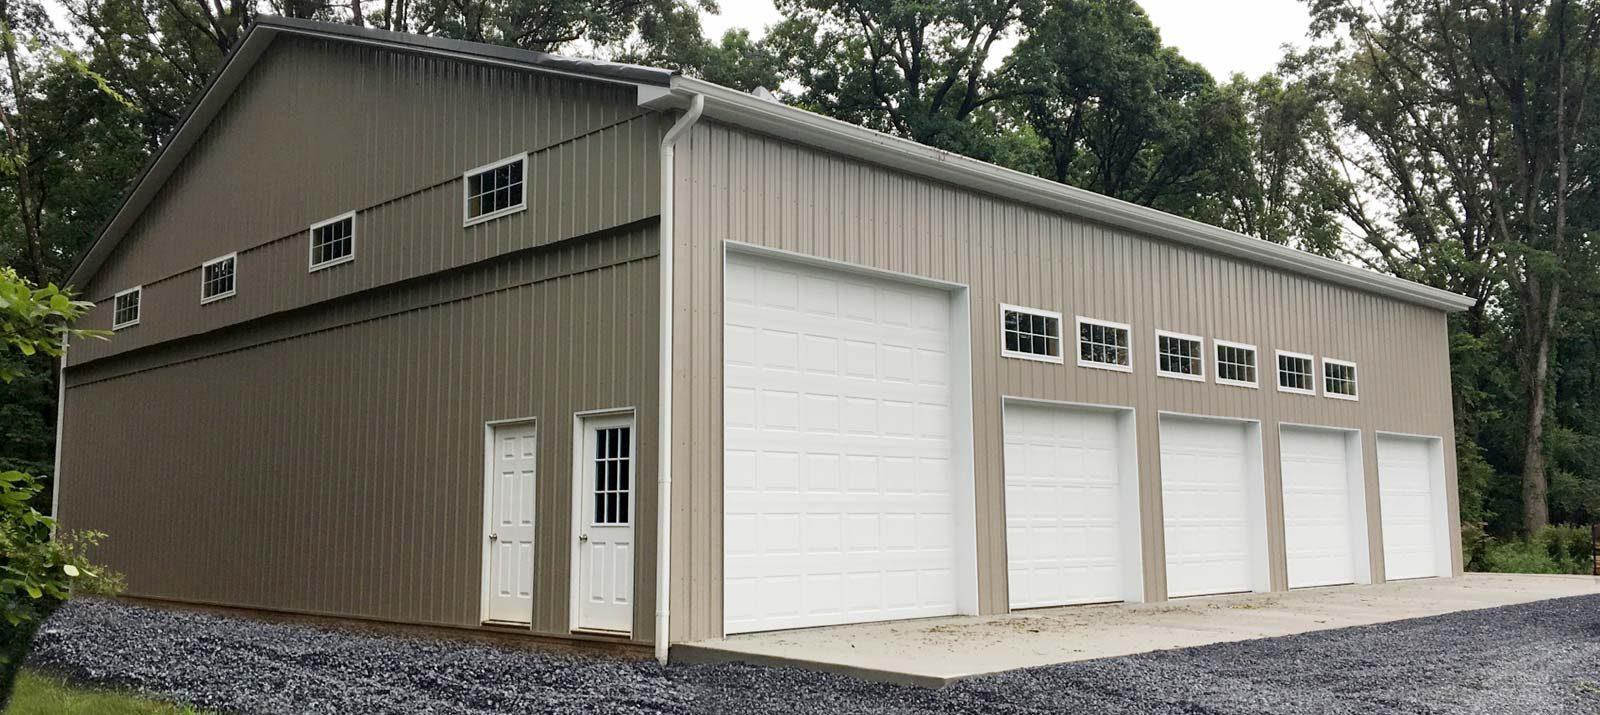 cb-slider-garages-storage-4